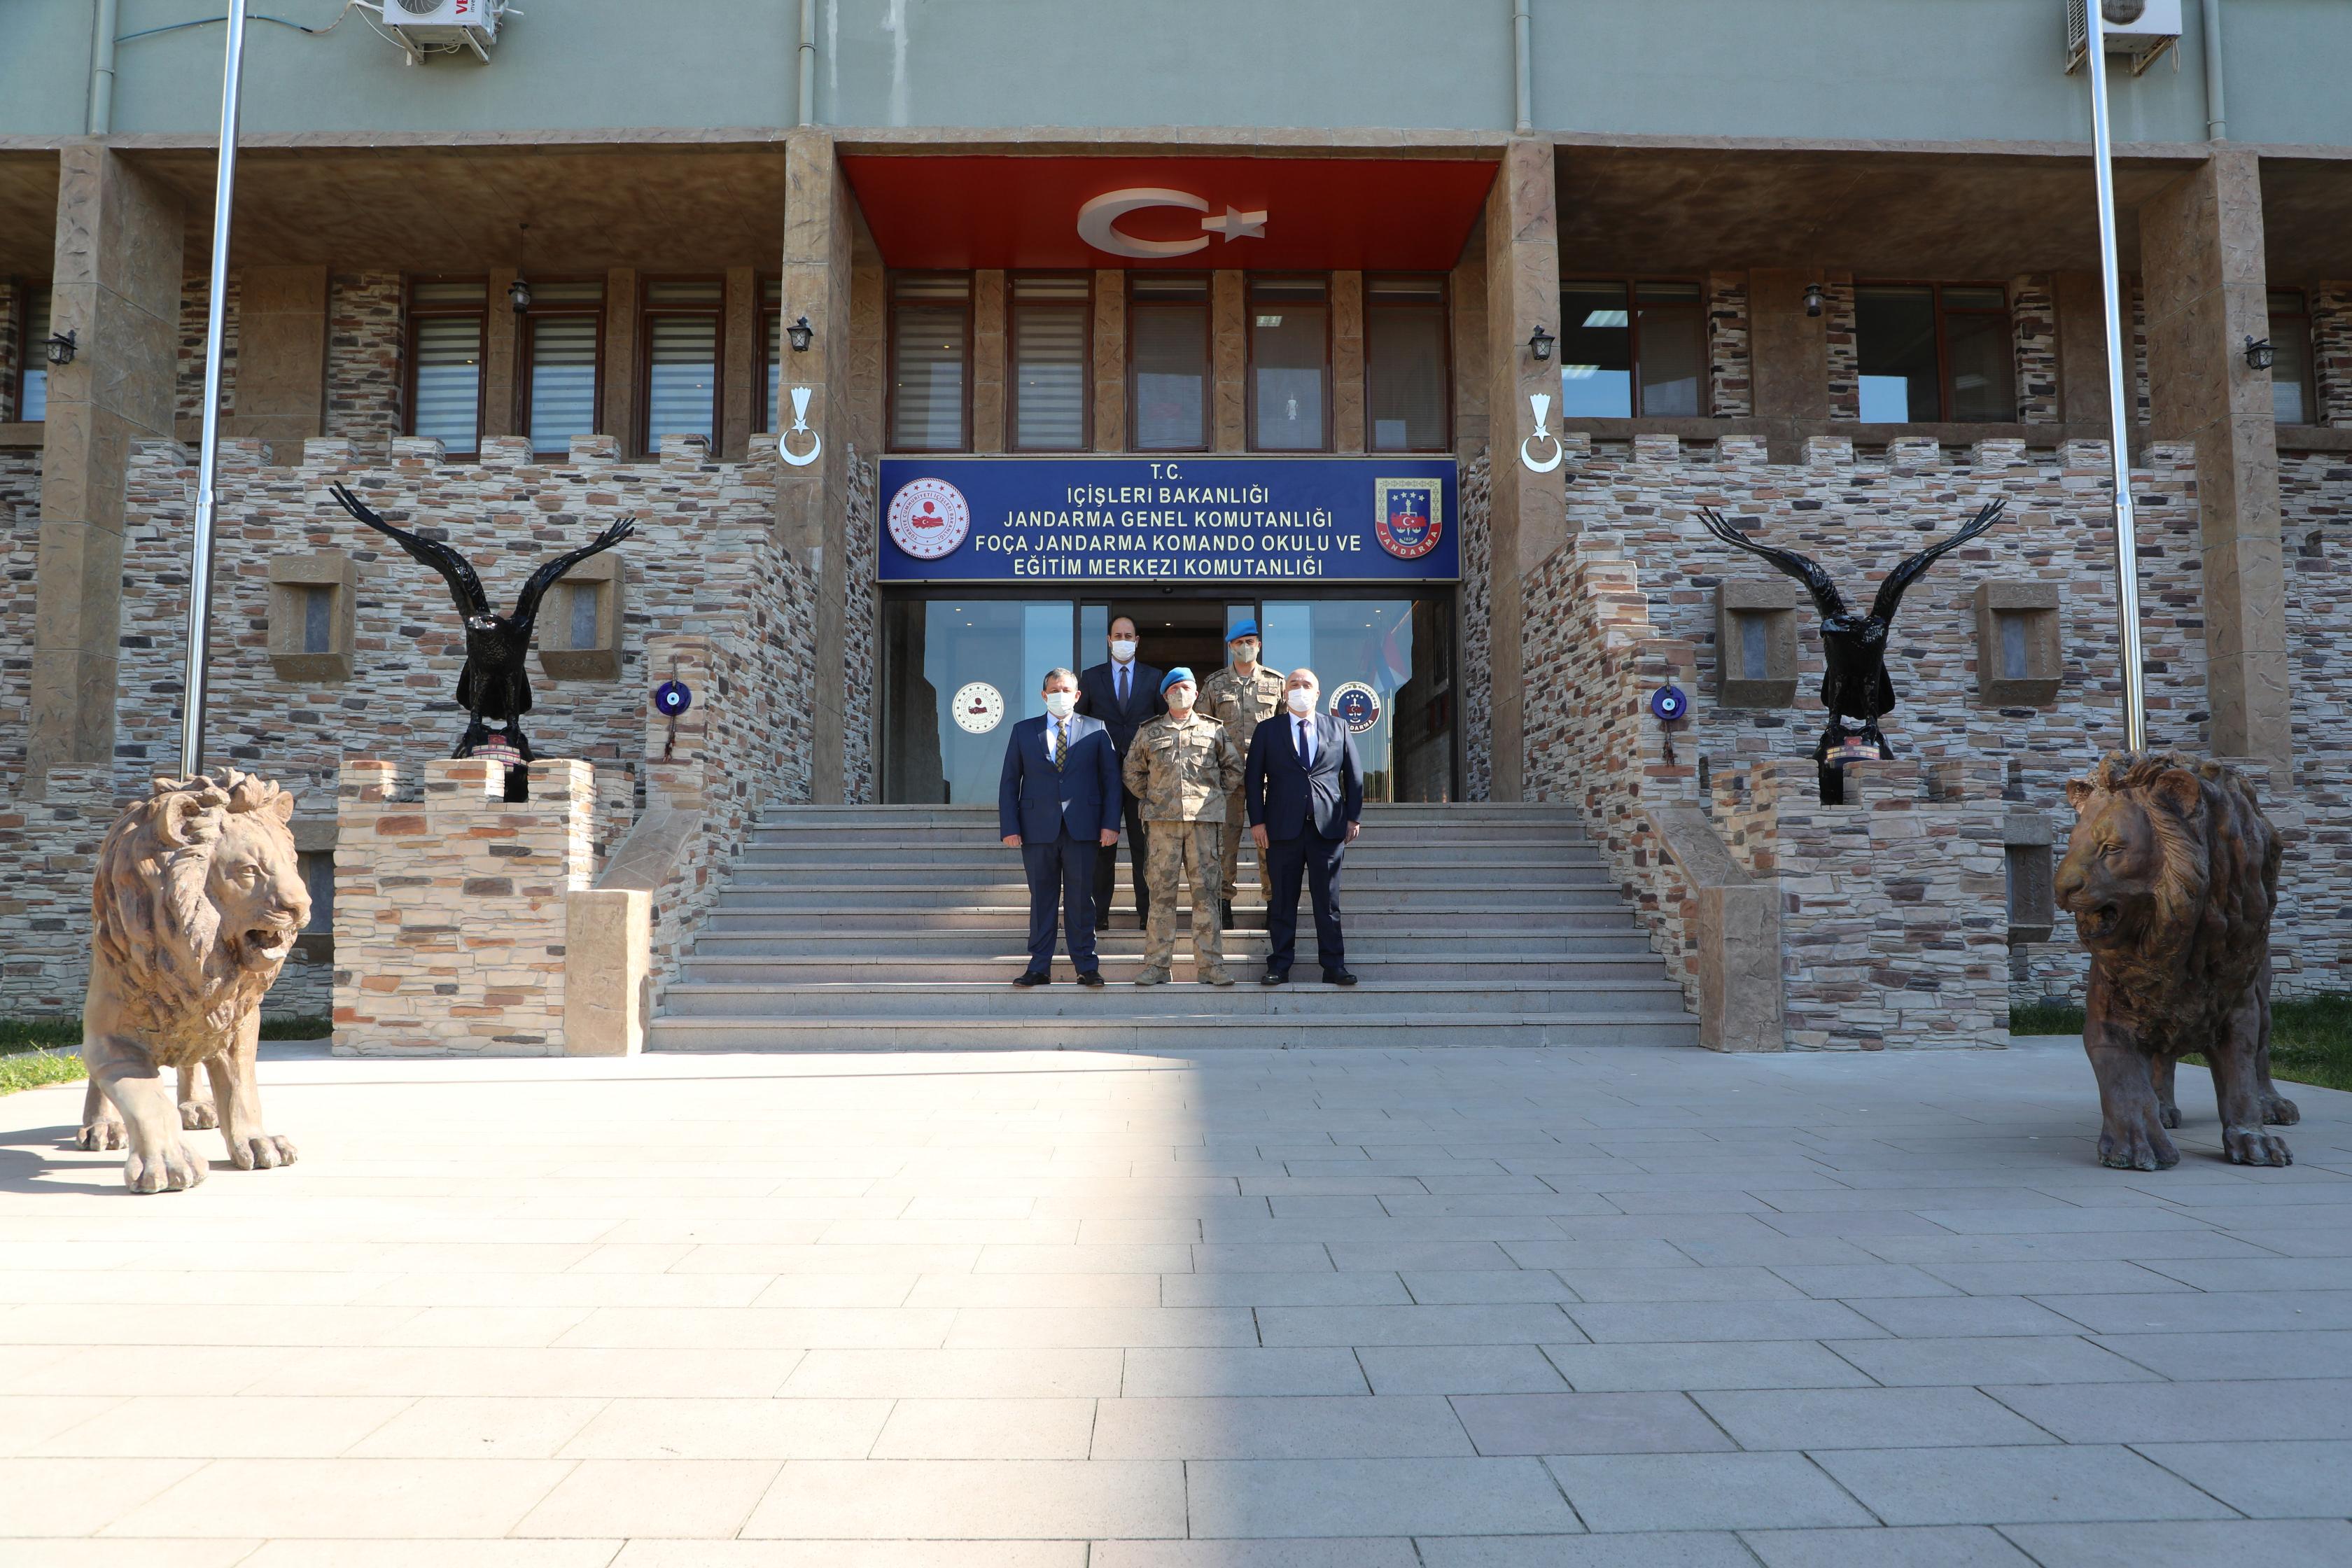 Foça Jandarma Komando Okulu ve Eğitim Merkezi Komutanlığı ile Federasyonumuz Arasında Protokol İmzalandı